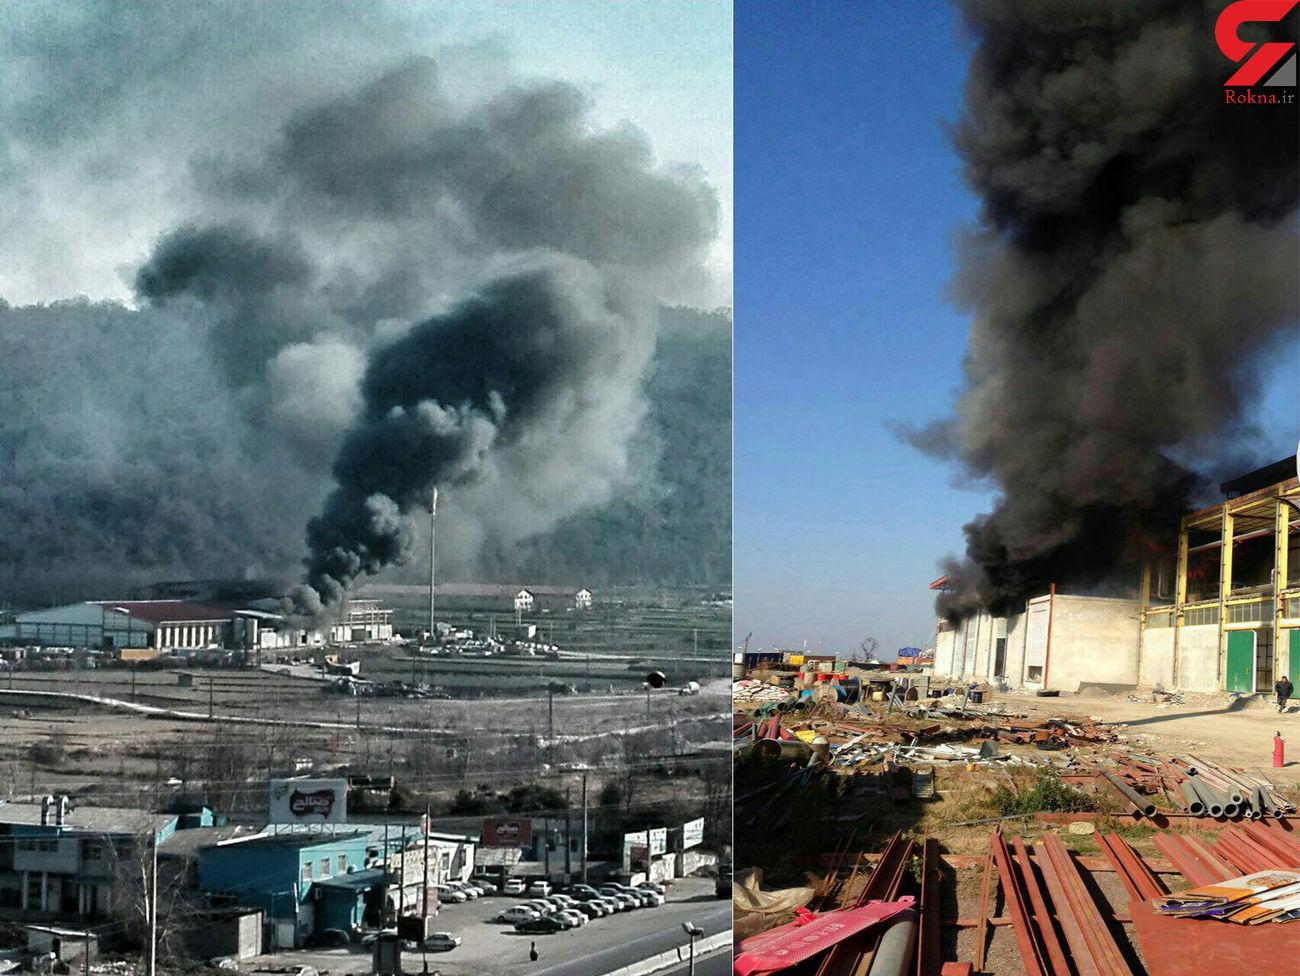 دیگ شرکت گوشتی کاله منفجر شد / آتش سوزی همچنان ادامه دارد + عکس